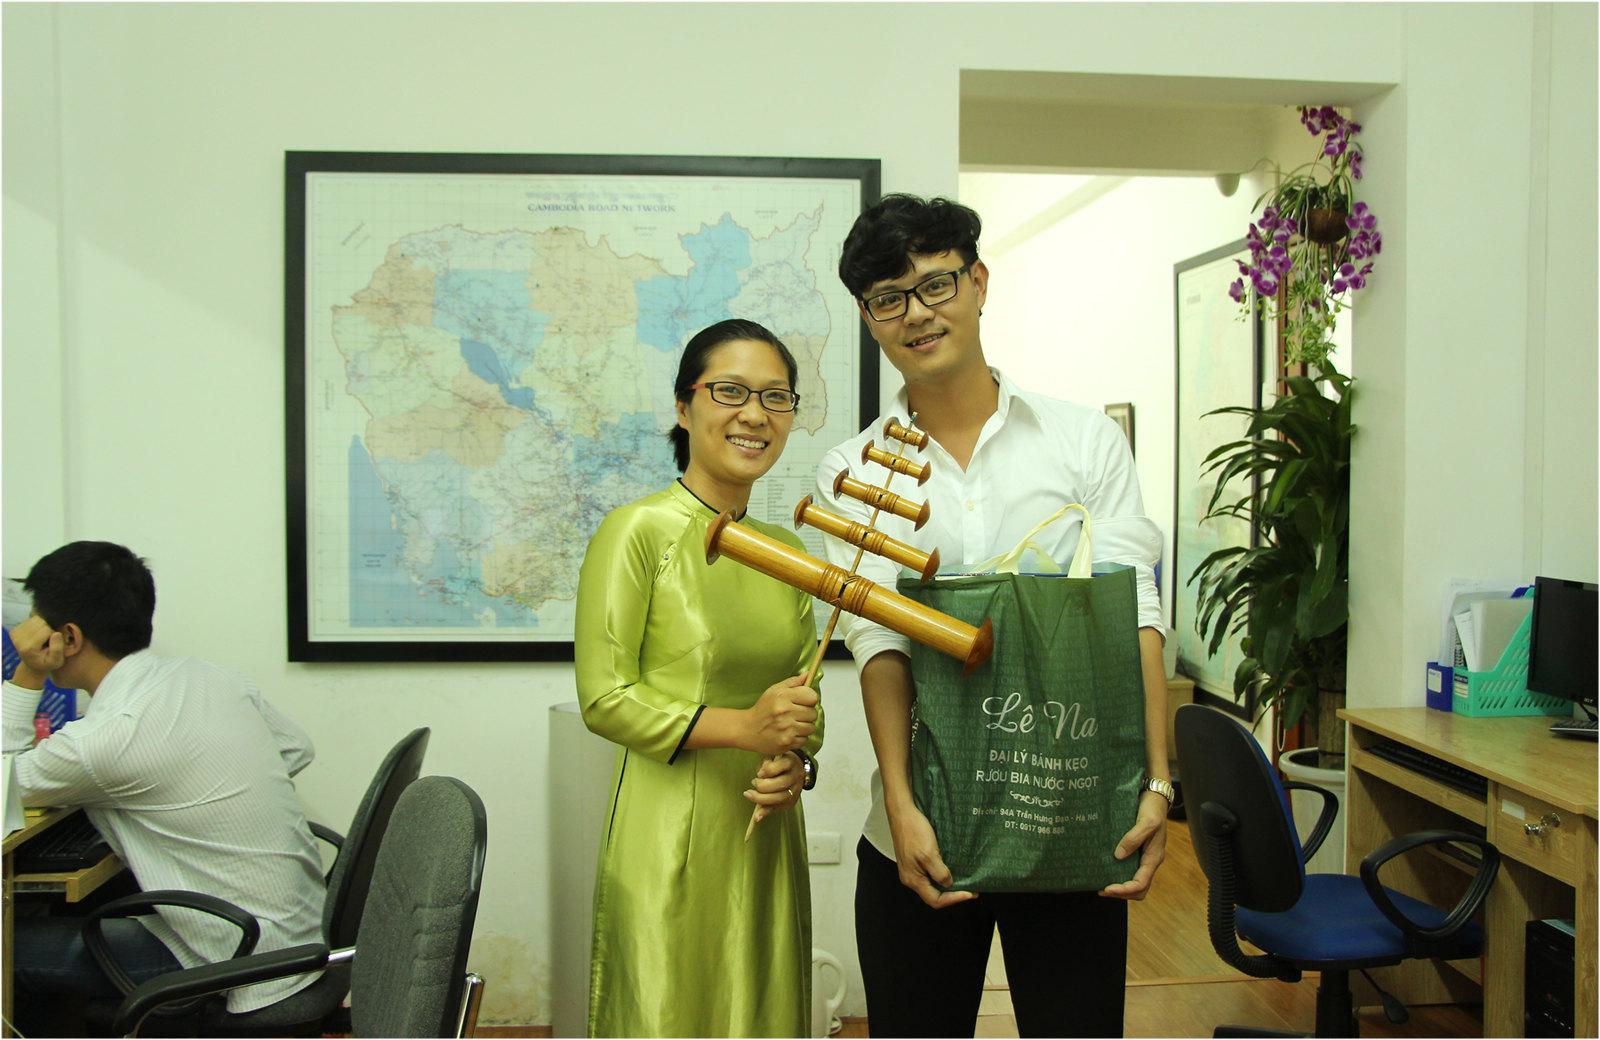 Vũ Thị Nga & Đặng Lê Minh